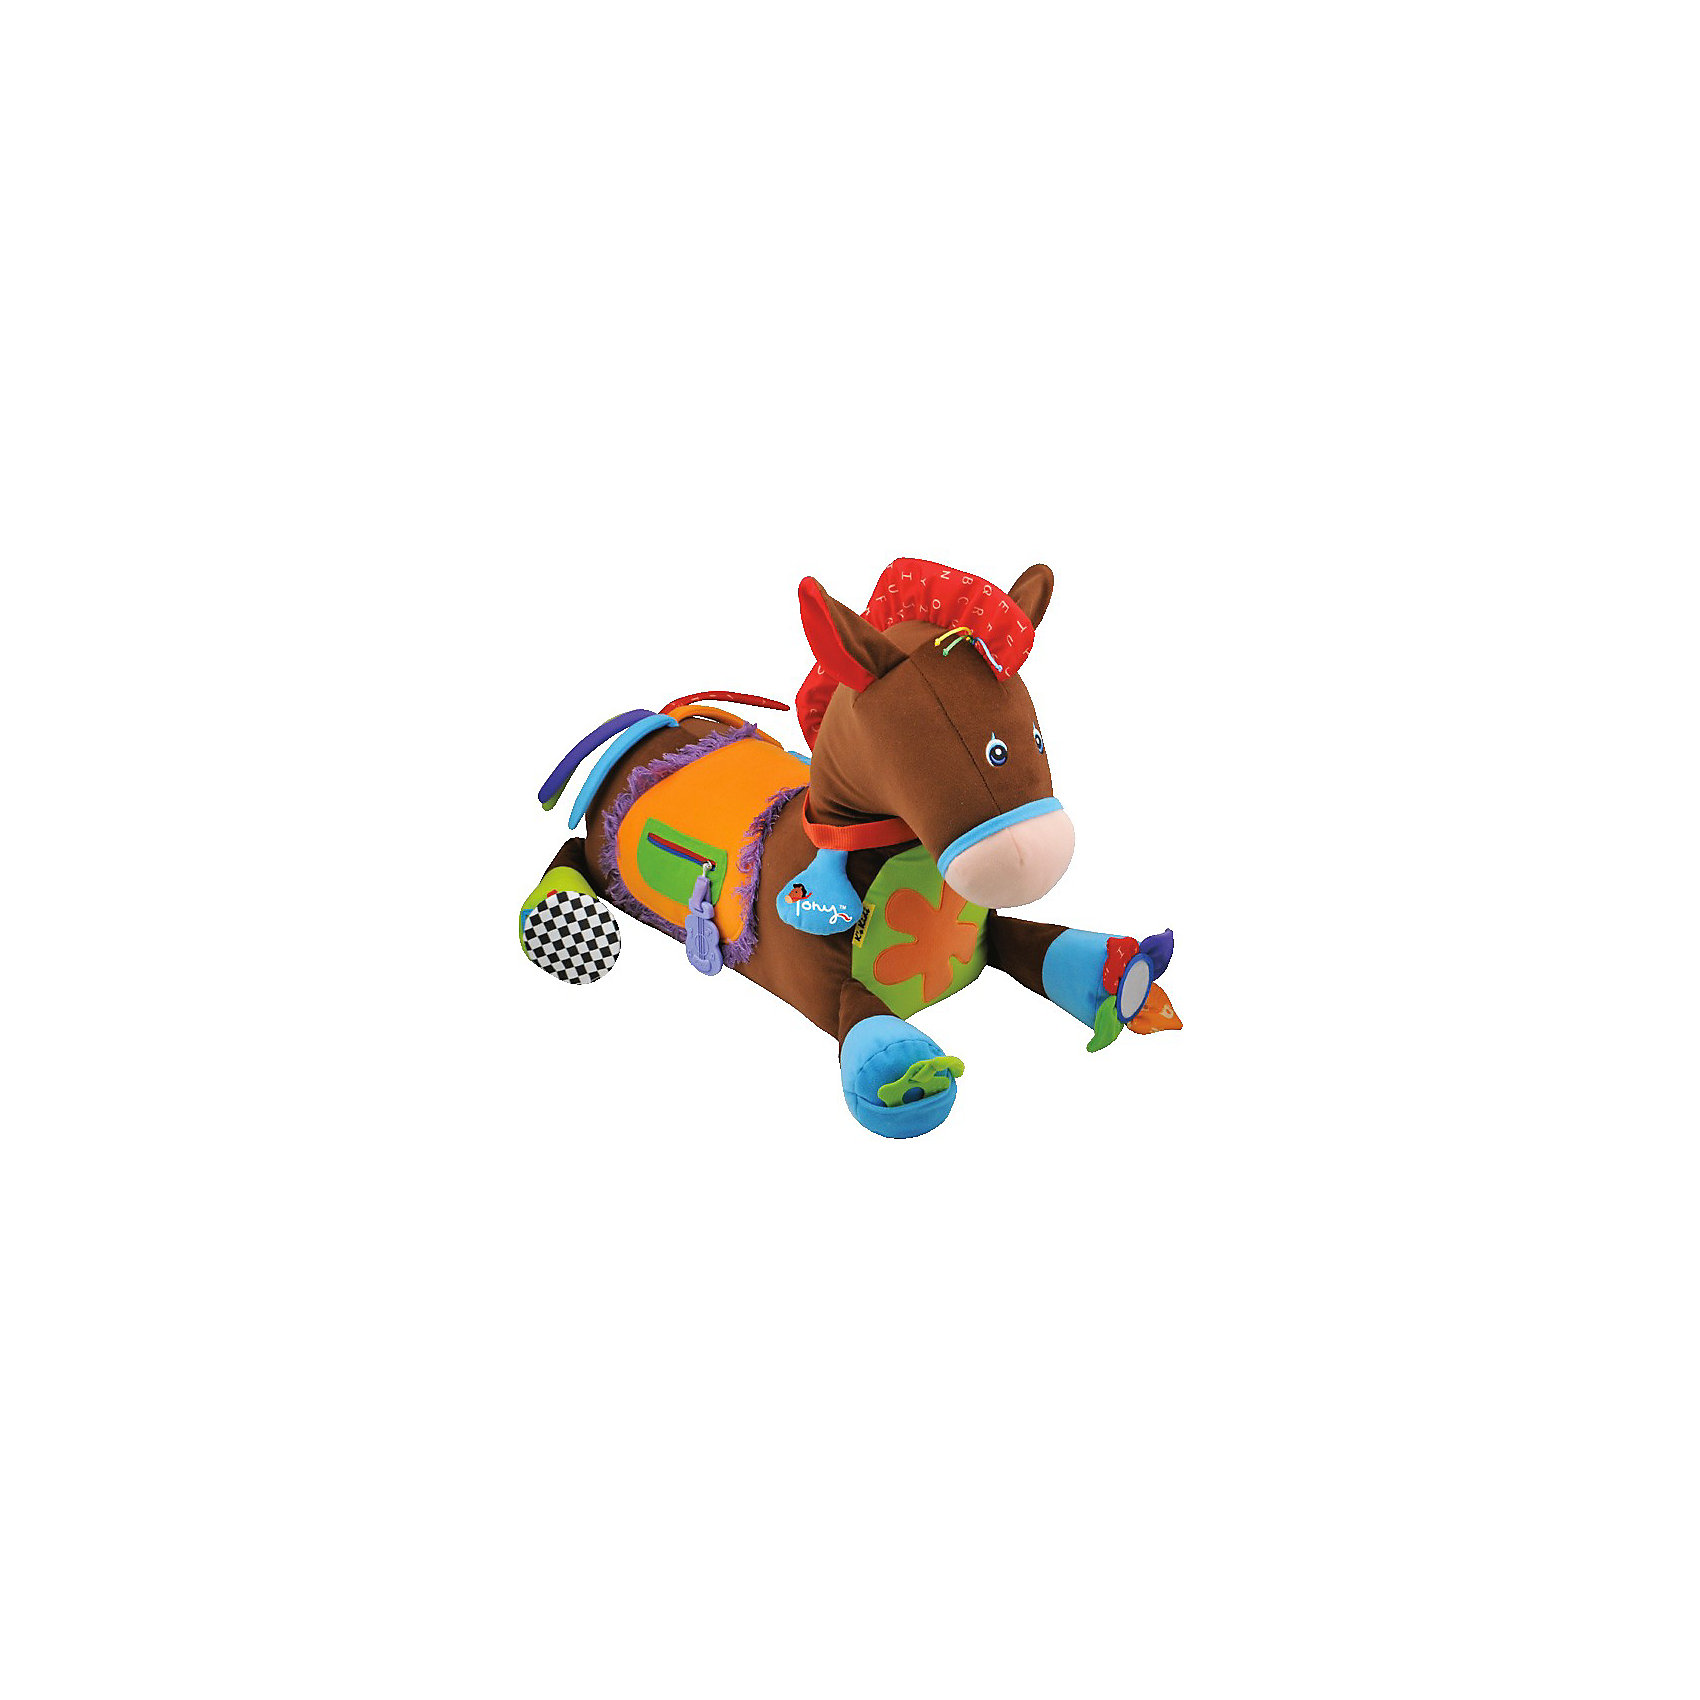 Игровой центр Пони Тони, Ks KidsРазвивающие игрушки<br>Лошадка Пони Тони K`s Kids - это  развивающая игрушка, с которой малышу никогда не будет скучно. Забавный и   веселый пони выполнен в ярких тонах, содержит в себе более 20 развивающих элементов, сделанных из разнообразных материалов. <br>Пони можно подёргать за шуршащие ушки, потрещать цветочком на сидении, потрусить колечко на ошейнике и ещё много других, стимулирующих слух игровых элементов, спрятано на этой уникальной развивающей пони Кс Кидс!<br>Карманчик у Пони расстёгивается и застёгивается на молнии, а разноцветный хвостик так и манит его подёргать, что великолепно развивает мелкую и крупную моторику, ловкость и силу ручек! Усевшись на Пони верхом, как настоящий наездник, Пони порадует малыша цокотом копыт!<br>Все эти элементы являются средствами для развития мелкой моторики, а игра с застежкой-молнией и пуговицей разовьет навык застегивания одежды.<br>Яркие цвета содействует развитию зрения, в время игры с крупной игрушкой ребенок развивает общую координацию движений, разглядывая свое отражение в зеркальце, малыш получает первые знания о строении человеческого лица.<br><br>Дополнительная информация:<br><br>- материал: текстиль, пластмасса<br>- цвет: коричневый  <br>- Размеры (см): 55 х 50 х 75<br><br>Развивающий центр Лошадка Пони Тони K`s Kids можно купить в нашем интернет-магазине.<br><br>Ширина мм: 440<br>Глубина мм: 500<br>Высота мм: 460<br>Вес г: 1410<br>Возраст от месяцев: 6<br>Возраст до месяцев: 48<br>Пол: Унисекс<br>Возраст: Детский<br>SKU: 3155517